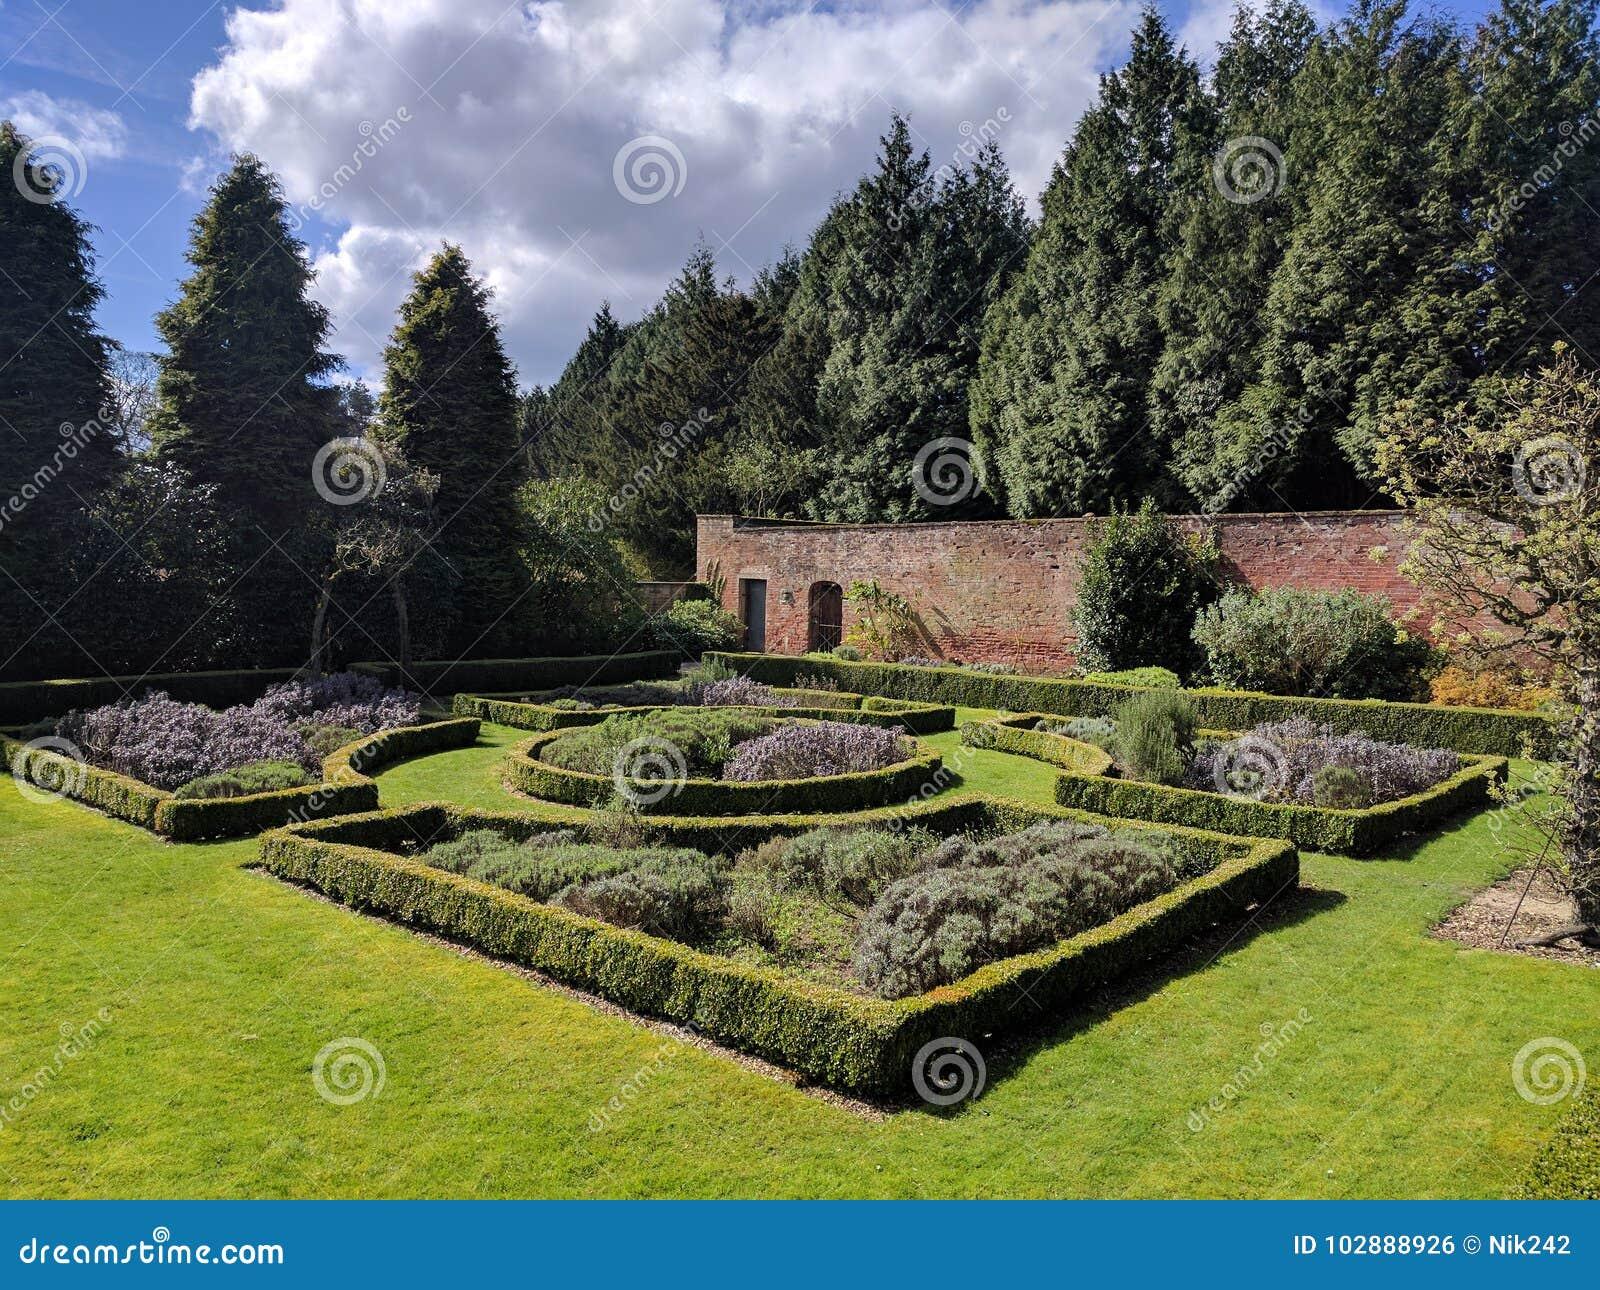 被围住的庭院分配为花坛的区域